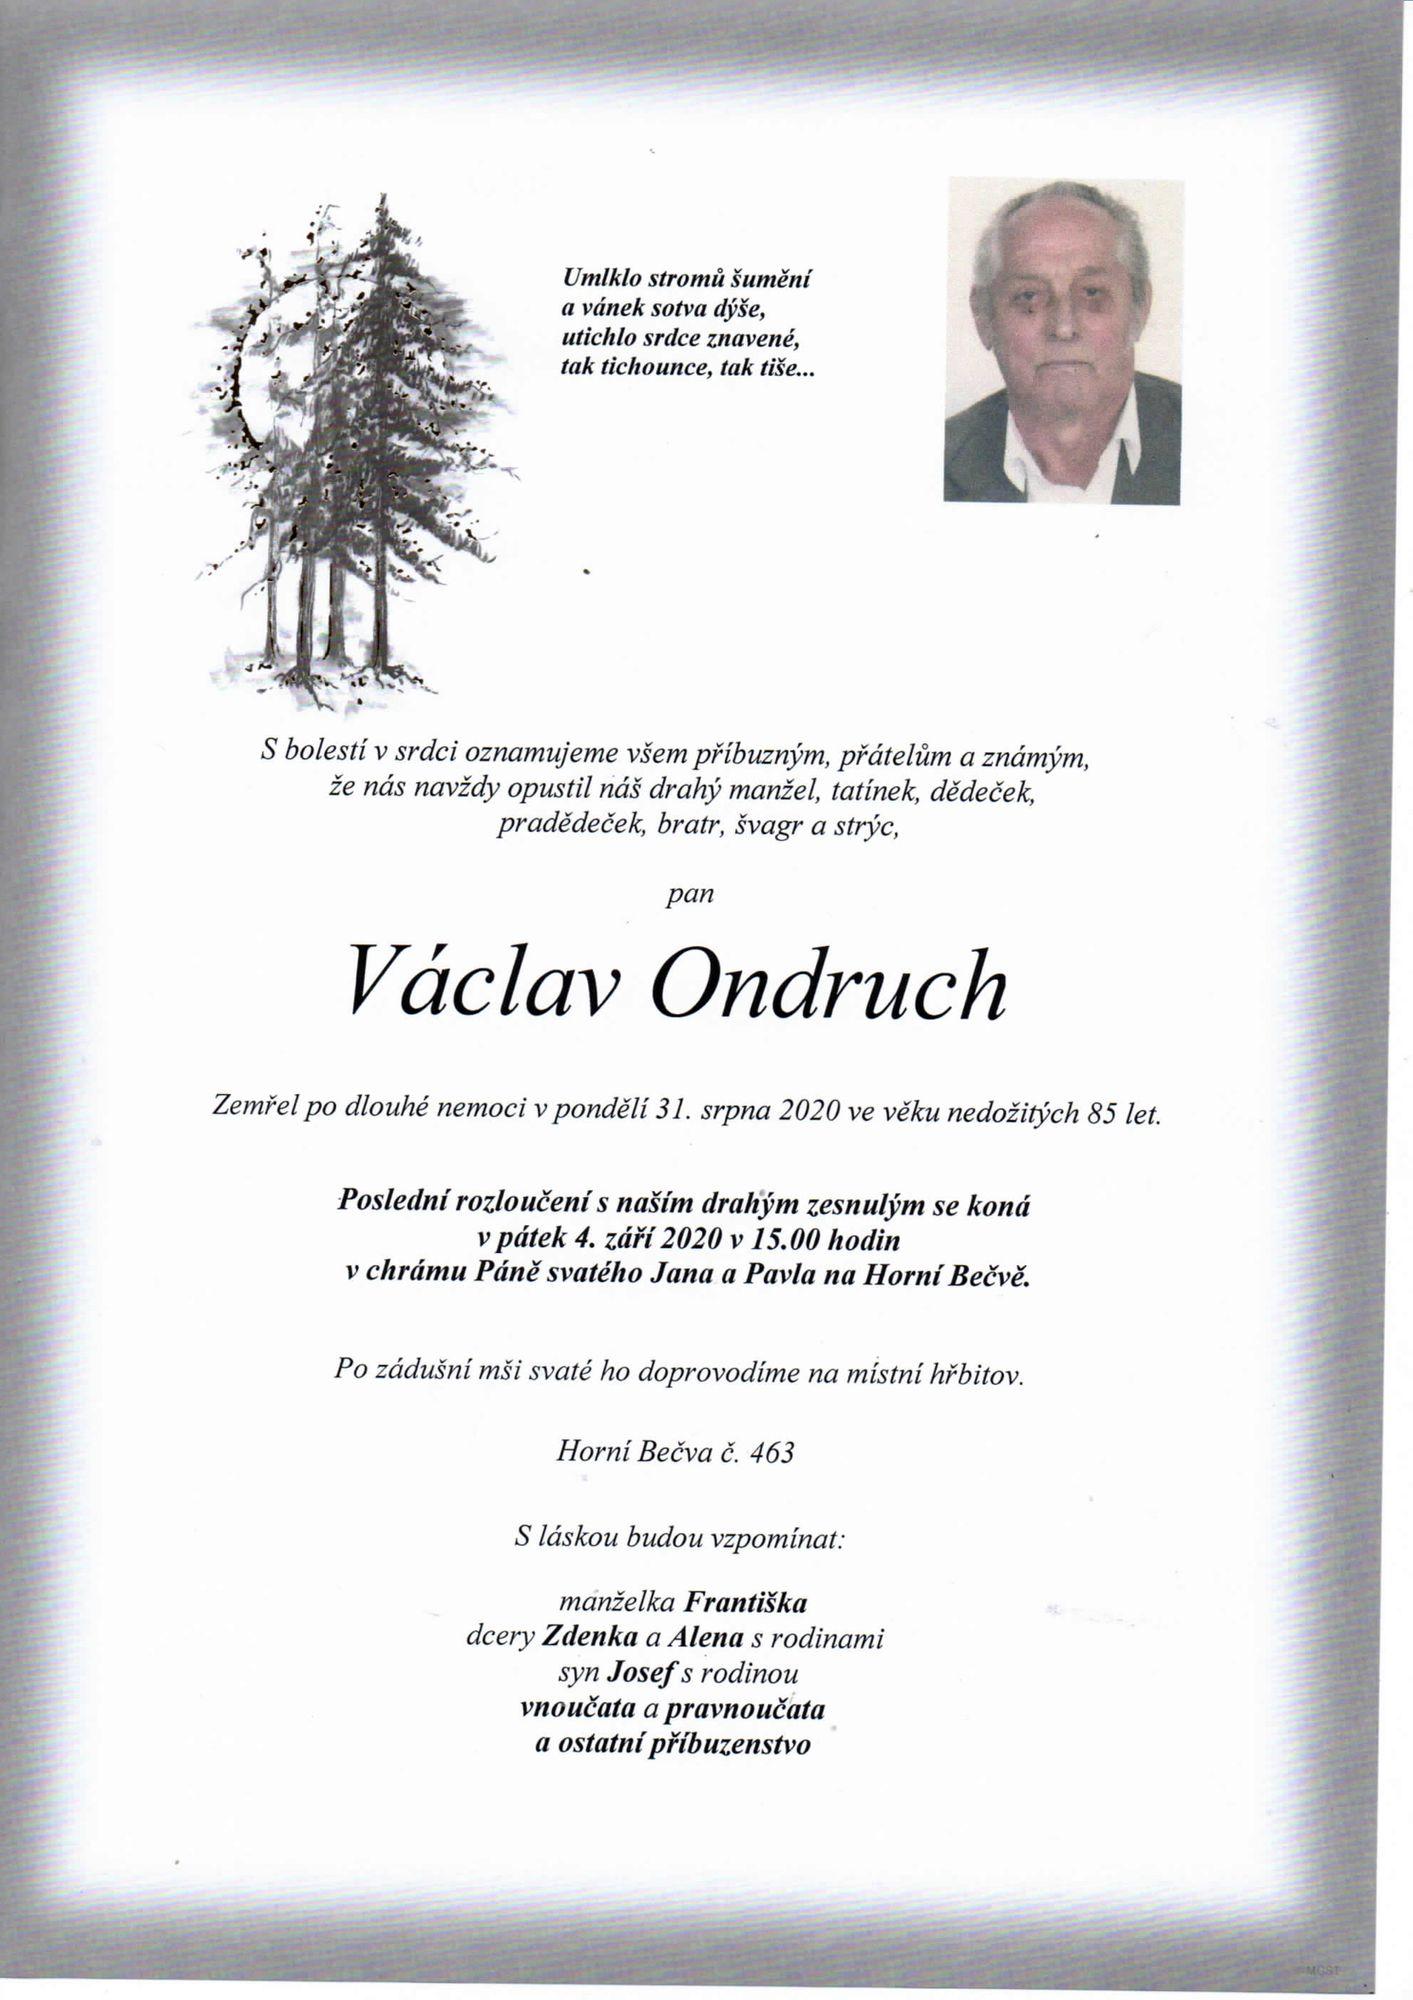 Václav Ondruch